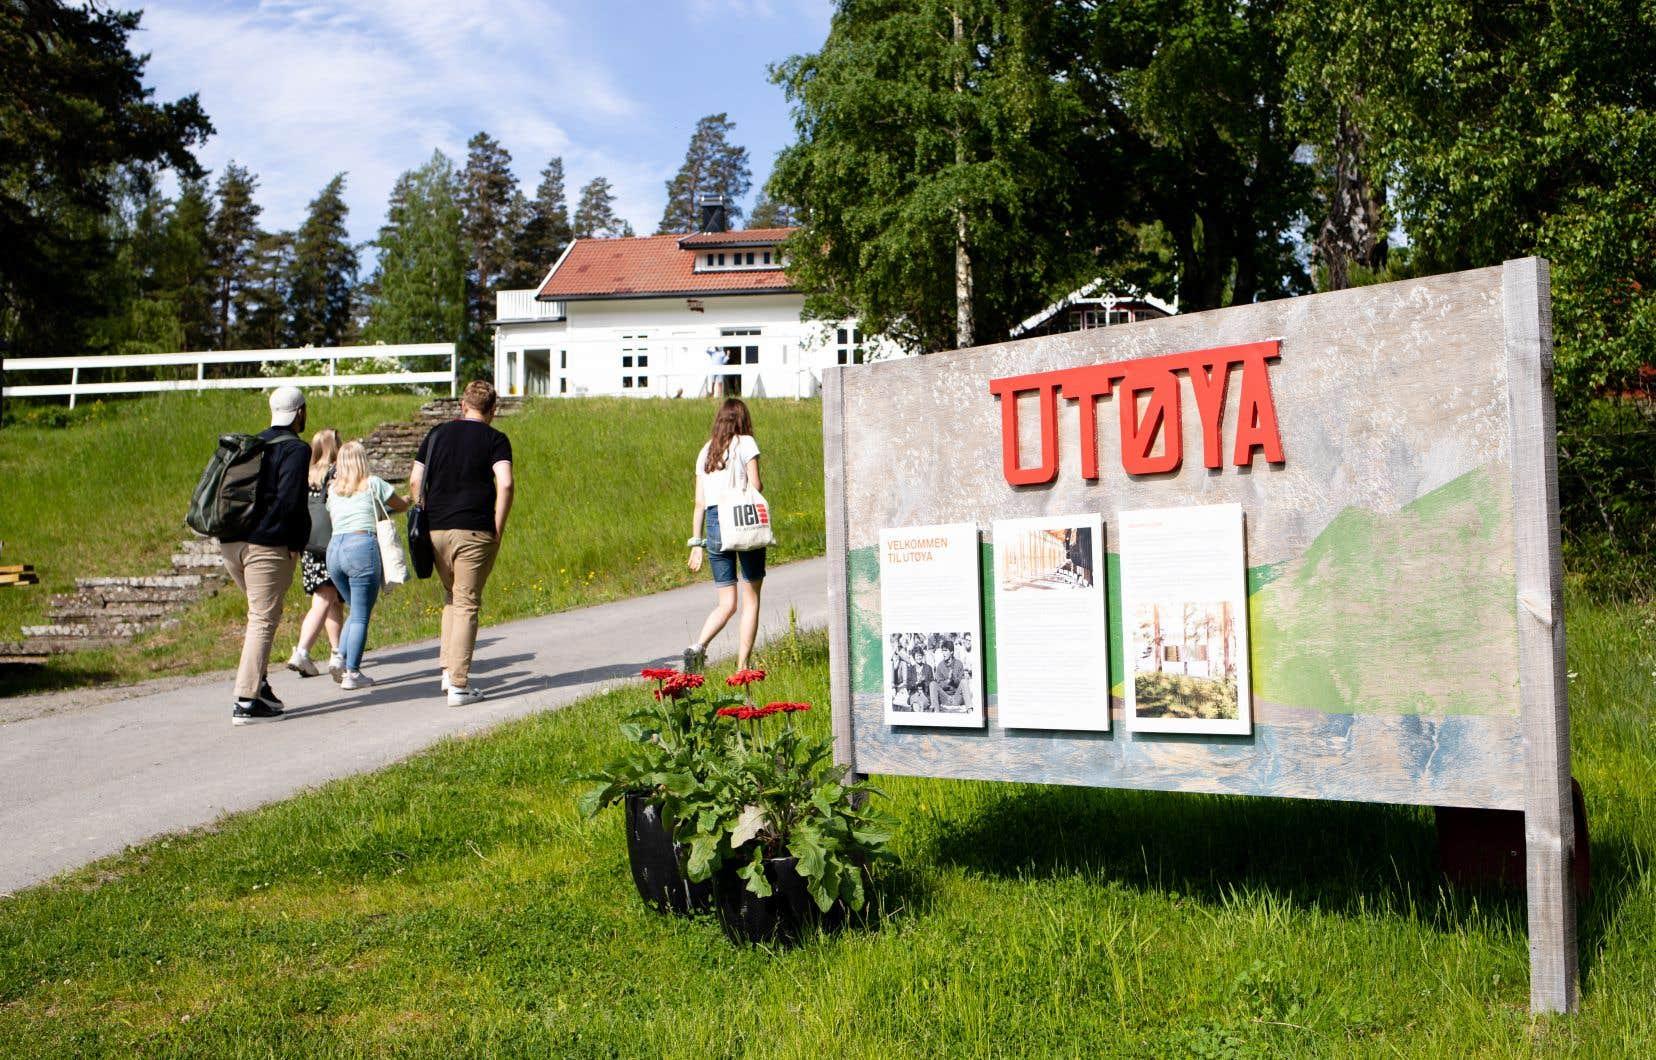 Le 22juillet 2011, Anders Behring Breivik, déguisé en policier, fait feu pendant plus d'une heure sur un camp d'été de la Jeunesse travailliste. Il fait 69 morts, des adolescents pour la plupart.